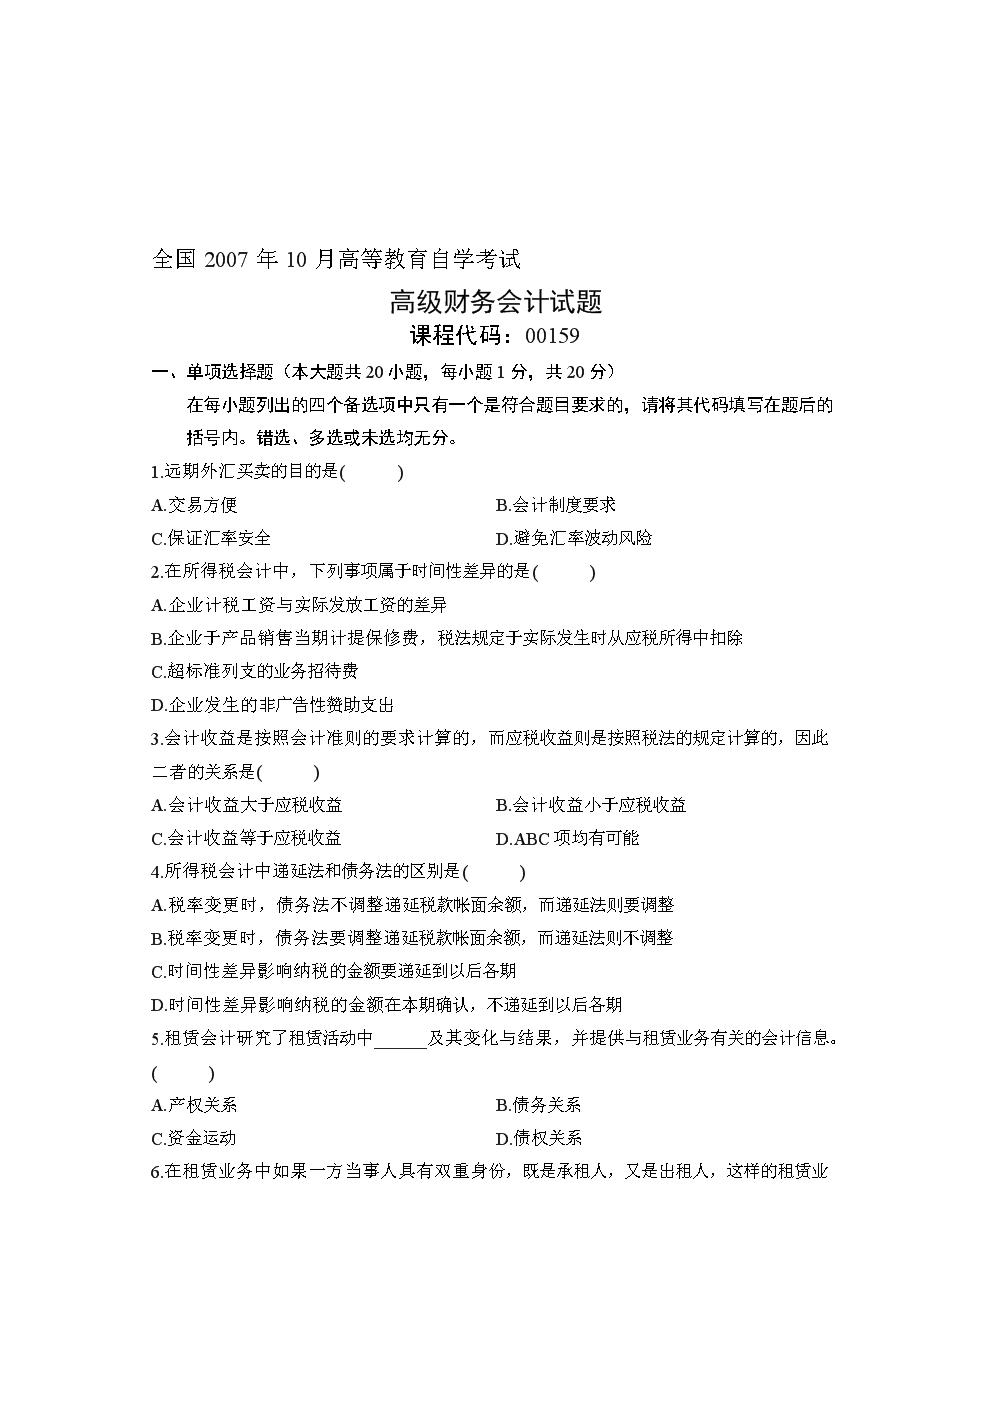 高级财务会计试题及部分答案.doc